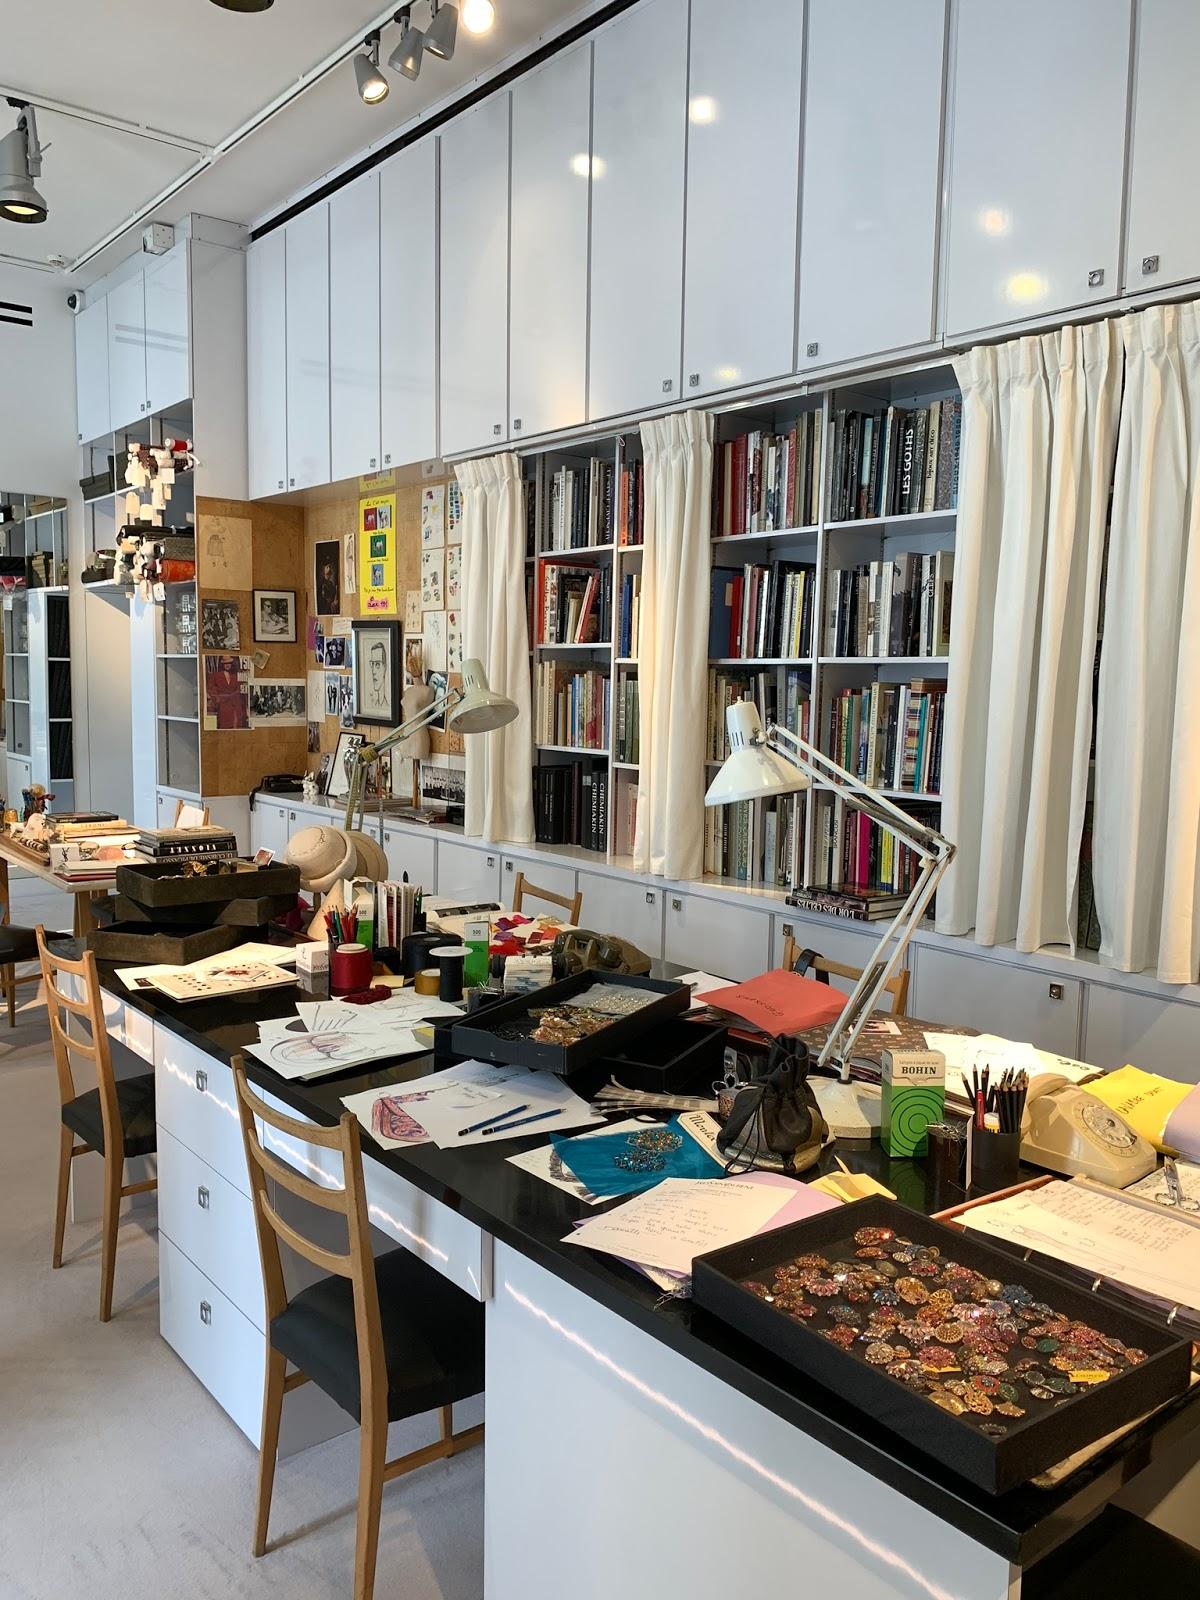 b73676508fe The 10 Year Plan: Museums in Paris: Musée Yves Saint Laurent Paris ...